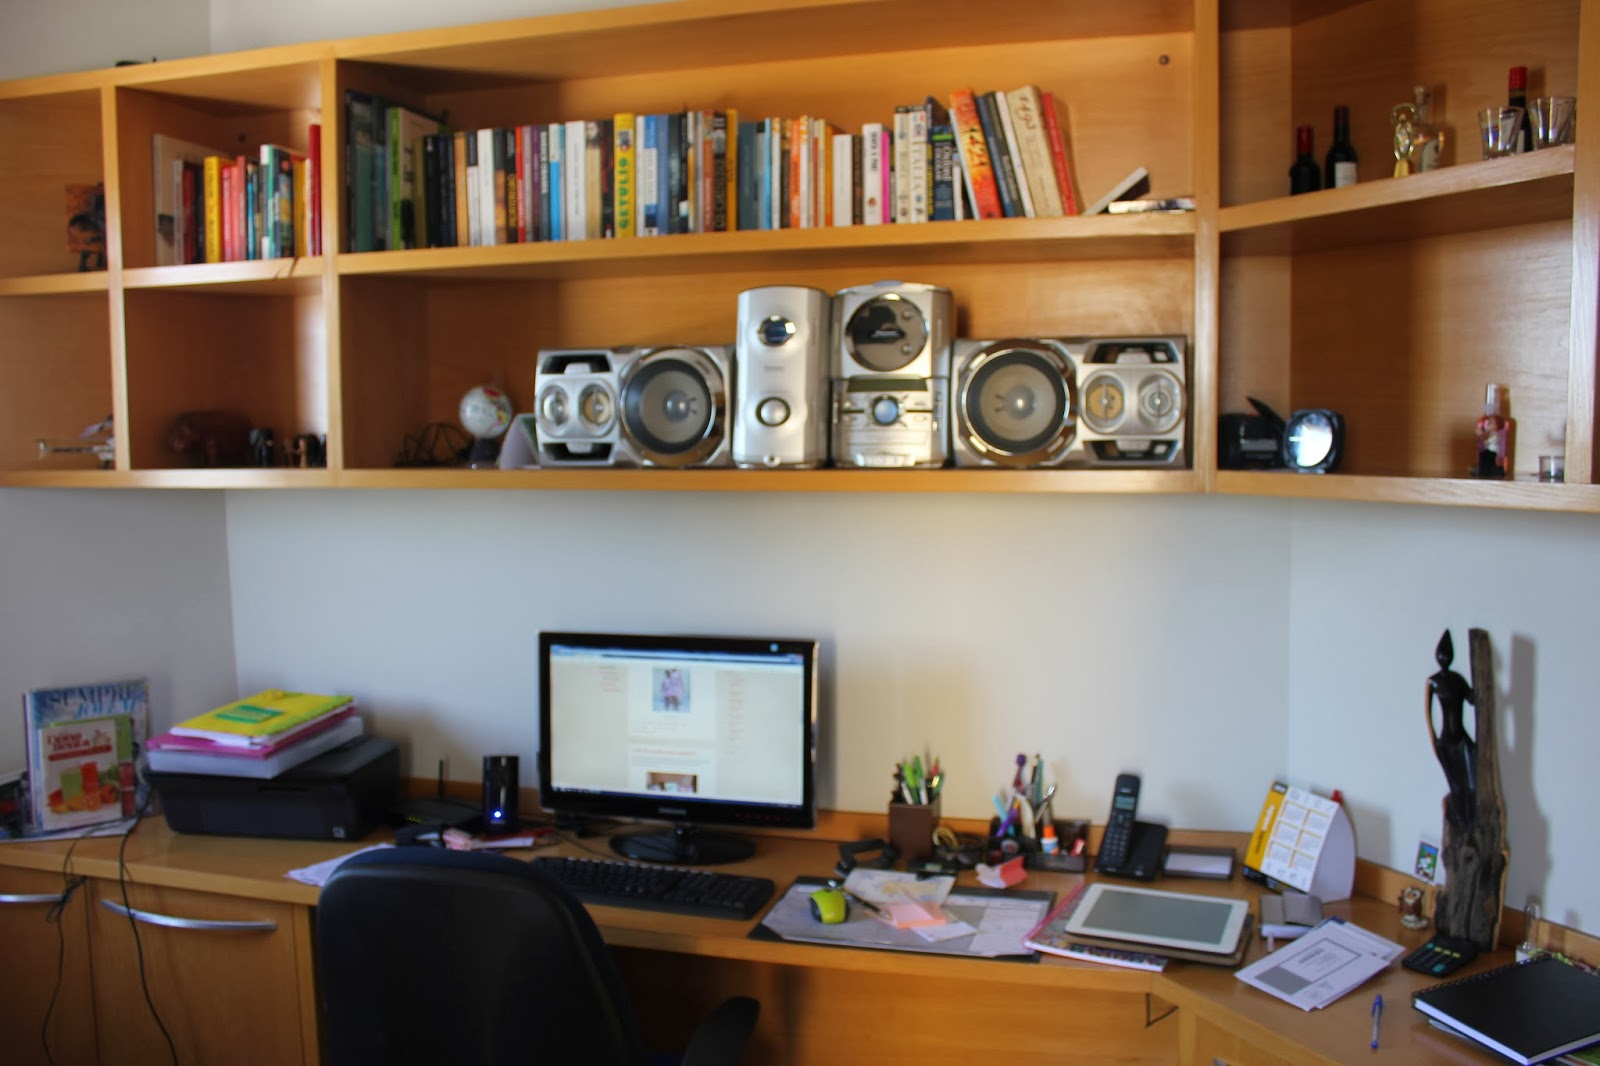 Sala De Tv Com Home Office ~   Projeto revitalização e organização da sala de tvhome office